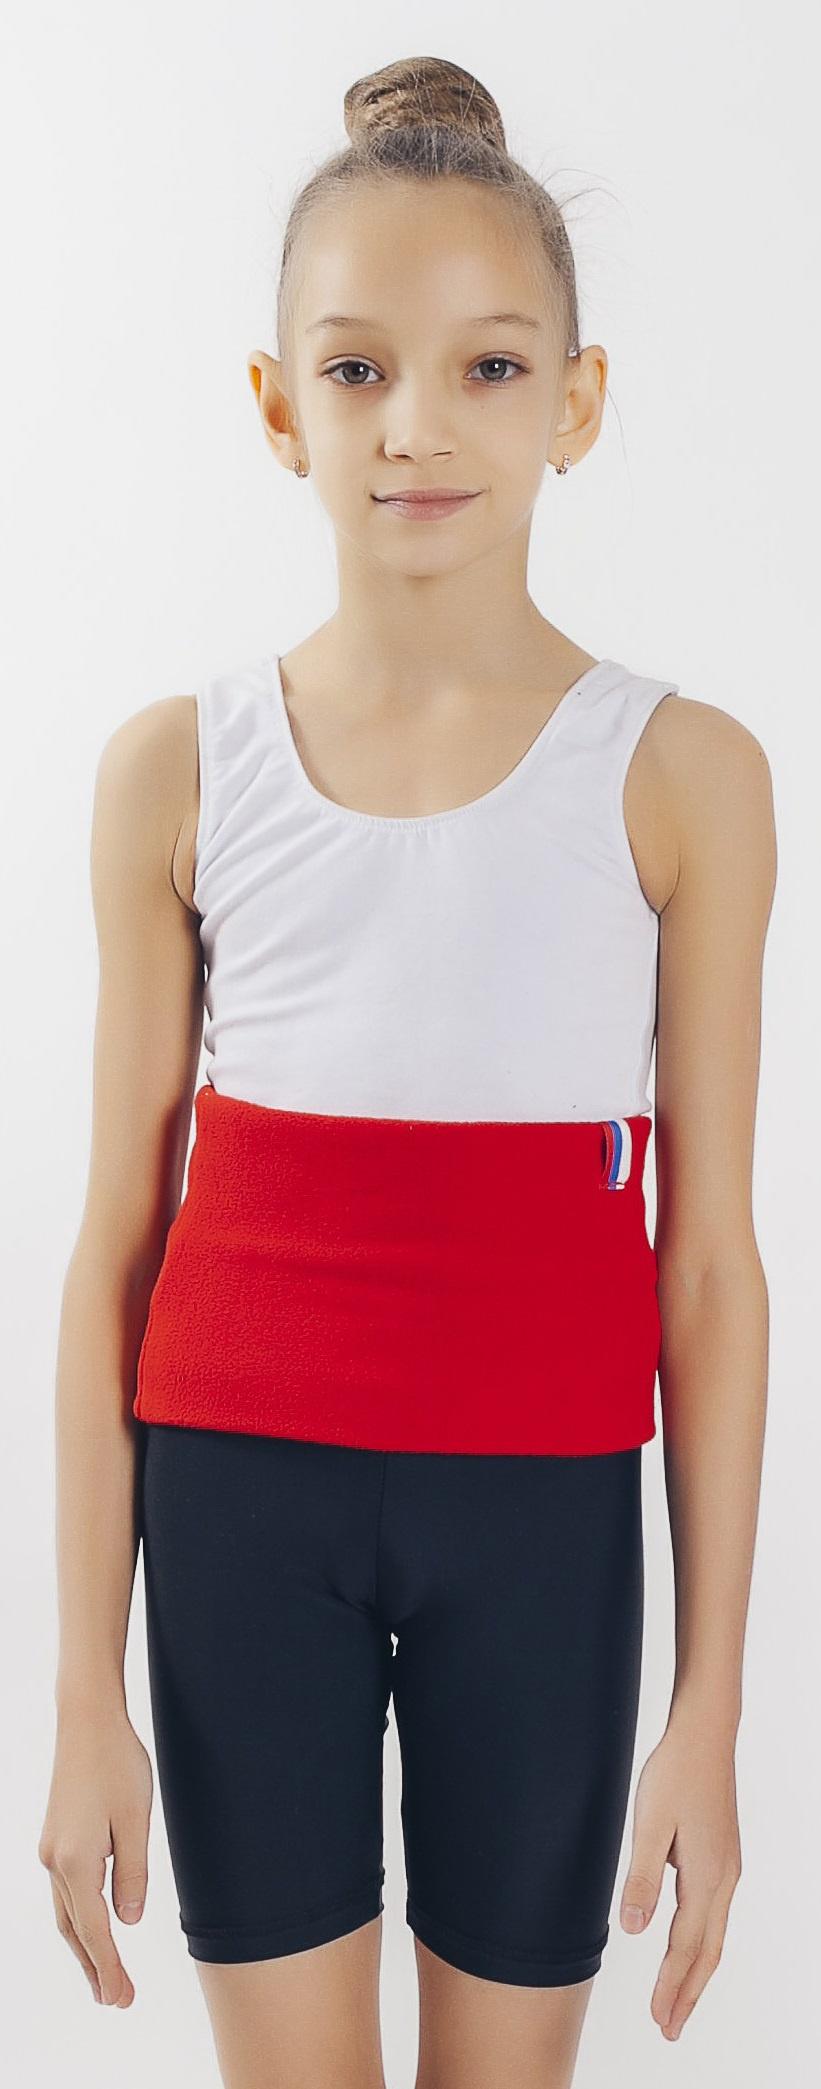 Пояс для похудения Линия Танца согревающий, красный для похудения пояс